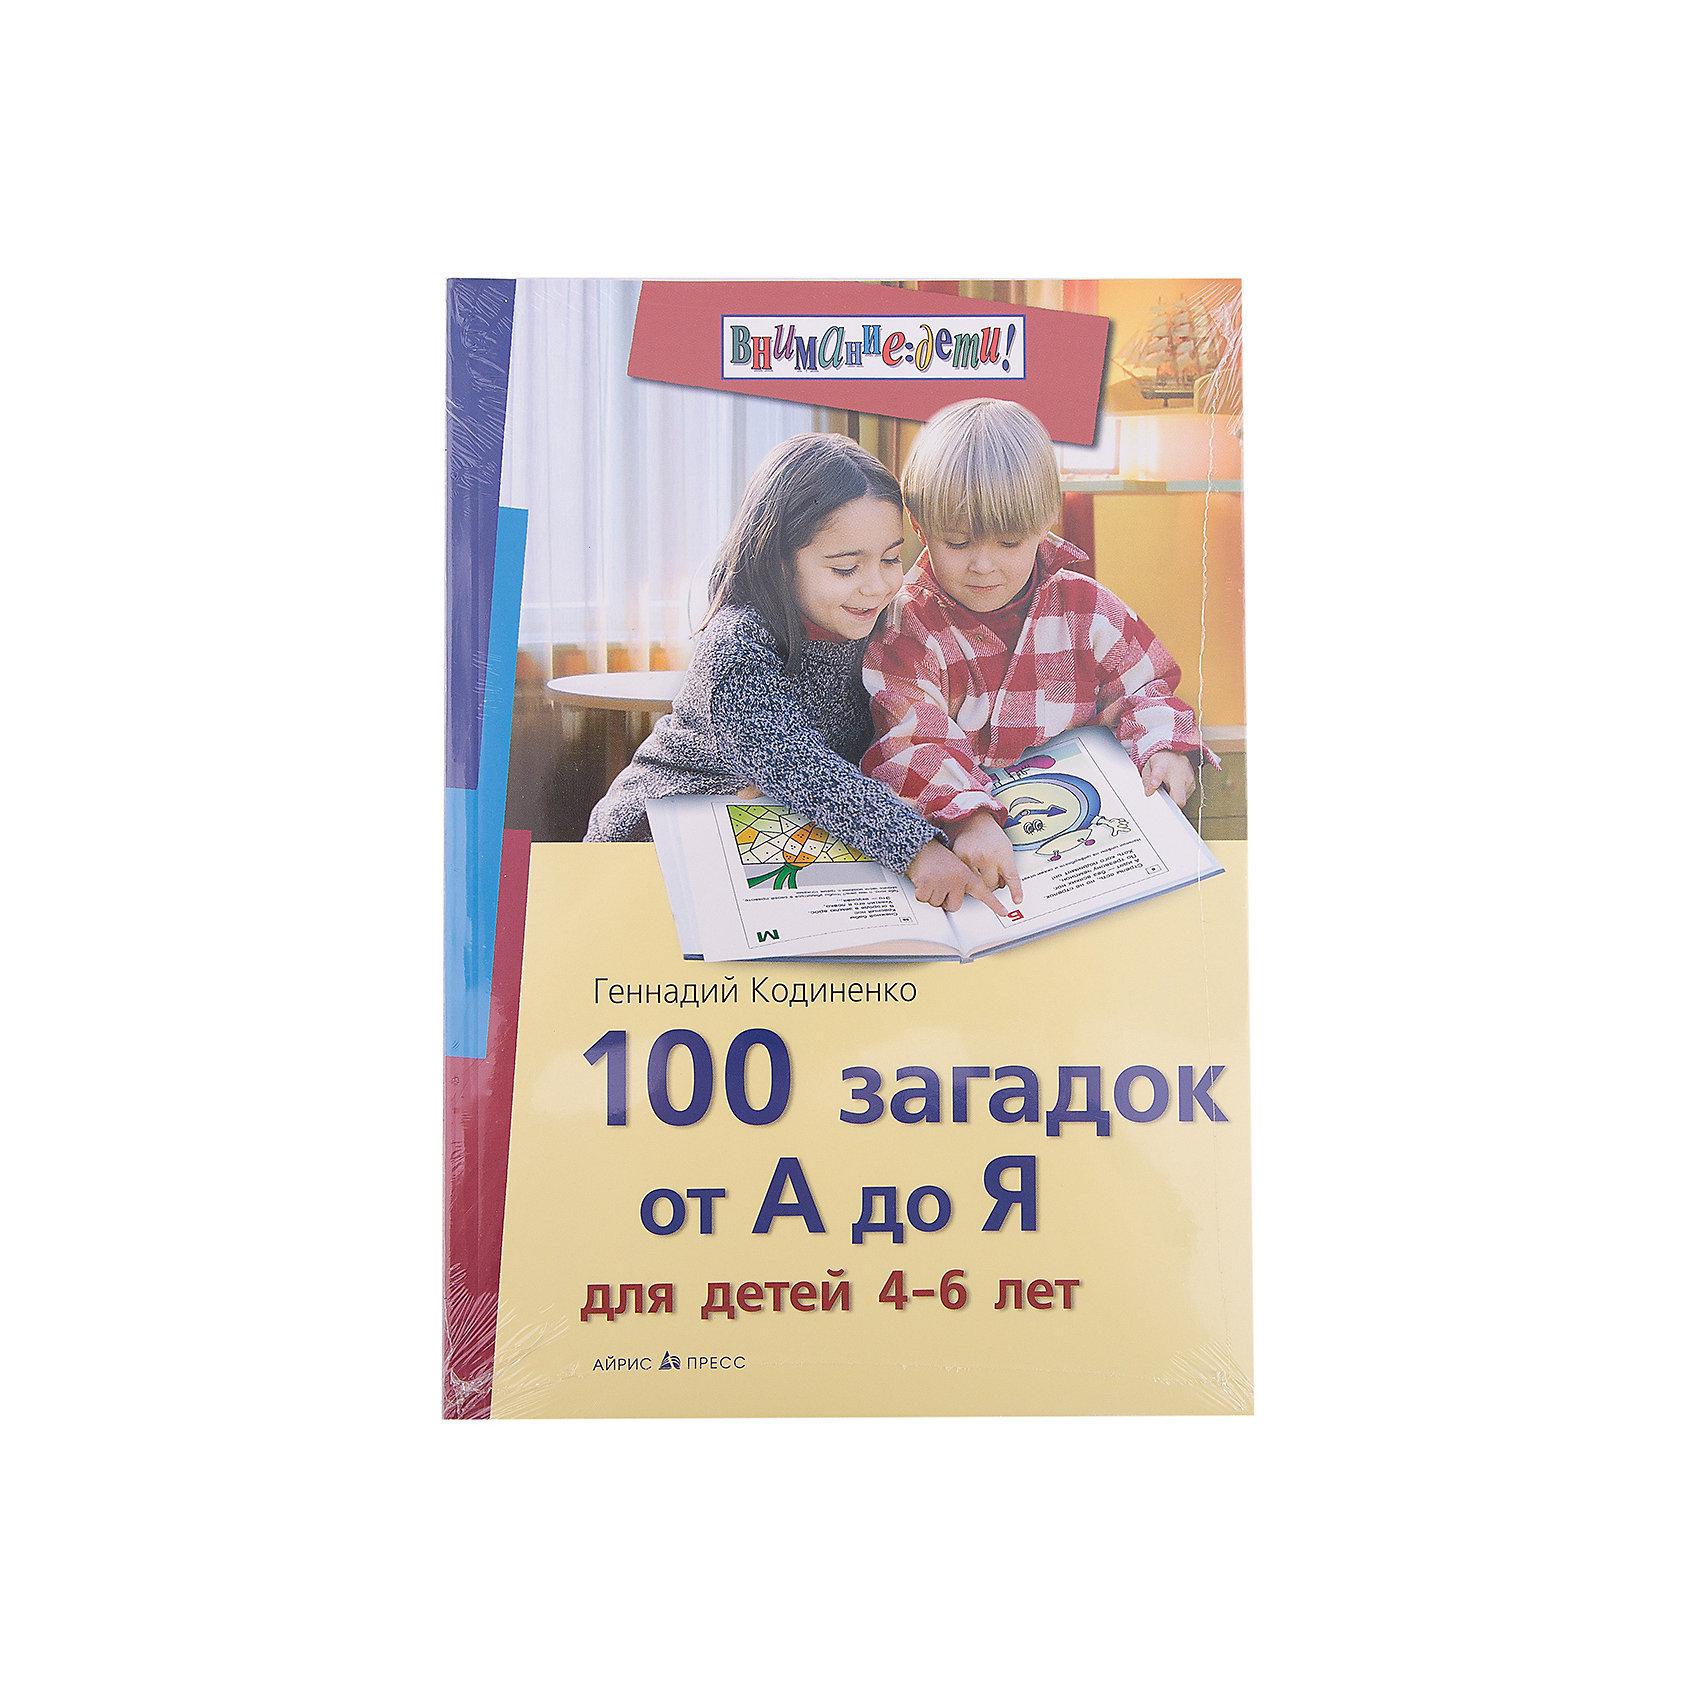 100 загадок от А до Я для детей 4-6 лет, Кодиненко Г.Ф.Викторины, ребусы<br>Все дети любят загадки. Они помогают ребёнку по-новому взглянуть на знакомые предметы и явления. В книге представлено около 100 стихотворных загадок на все буквы алфавита. Каждая загадка  сопровождается рисунком-головоломкой, который поможет её отгадать. &#13;<br> Адресовано детям 4-6 лет, их родителям, воспитателям детских садов.<br><br>Ширина мм: 5<br>Глубина мм: 165<br>Высота мм: 135<br>Вес г: 153<br>Возраст от месяцев: 48<br>Возраст до месяцев: 72<br>Пол: Унисекс<br>Возраст: Детский<br>SKU: 6849661